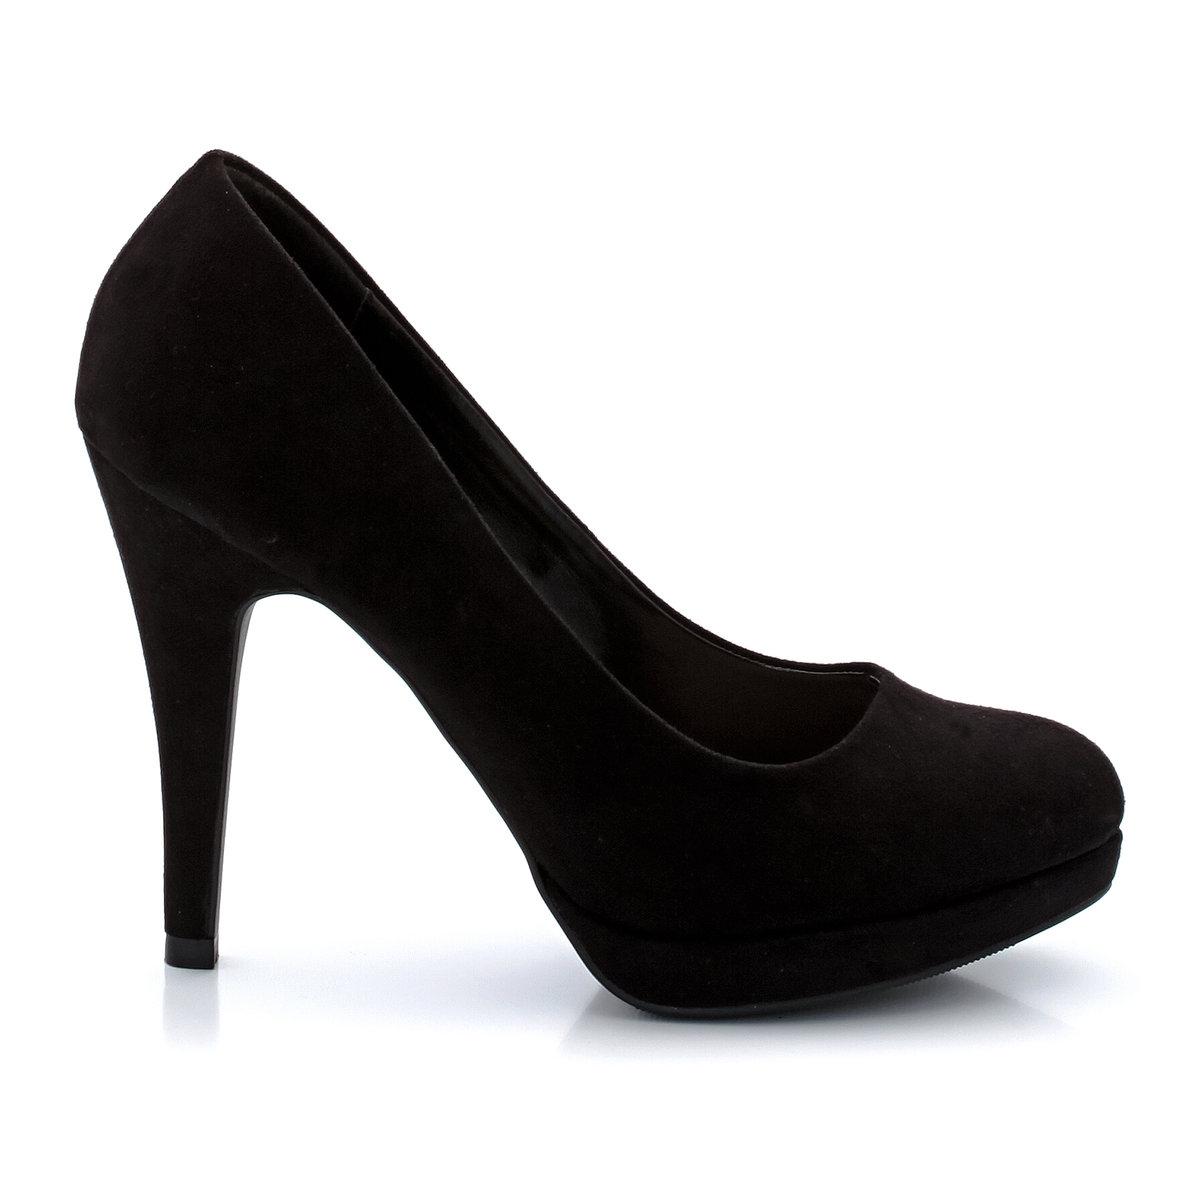 Туфли из искусственной замши на высоком каблукеНеоспоримые плюсы: высокий каблук и простые линии, которые всегда в моде!<br><br>Цвет: черный<br>Размер: 36